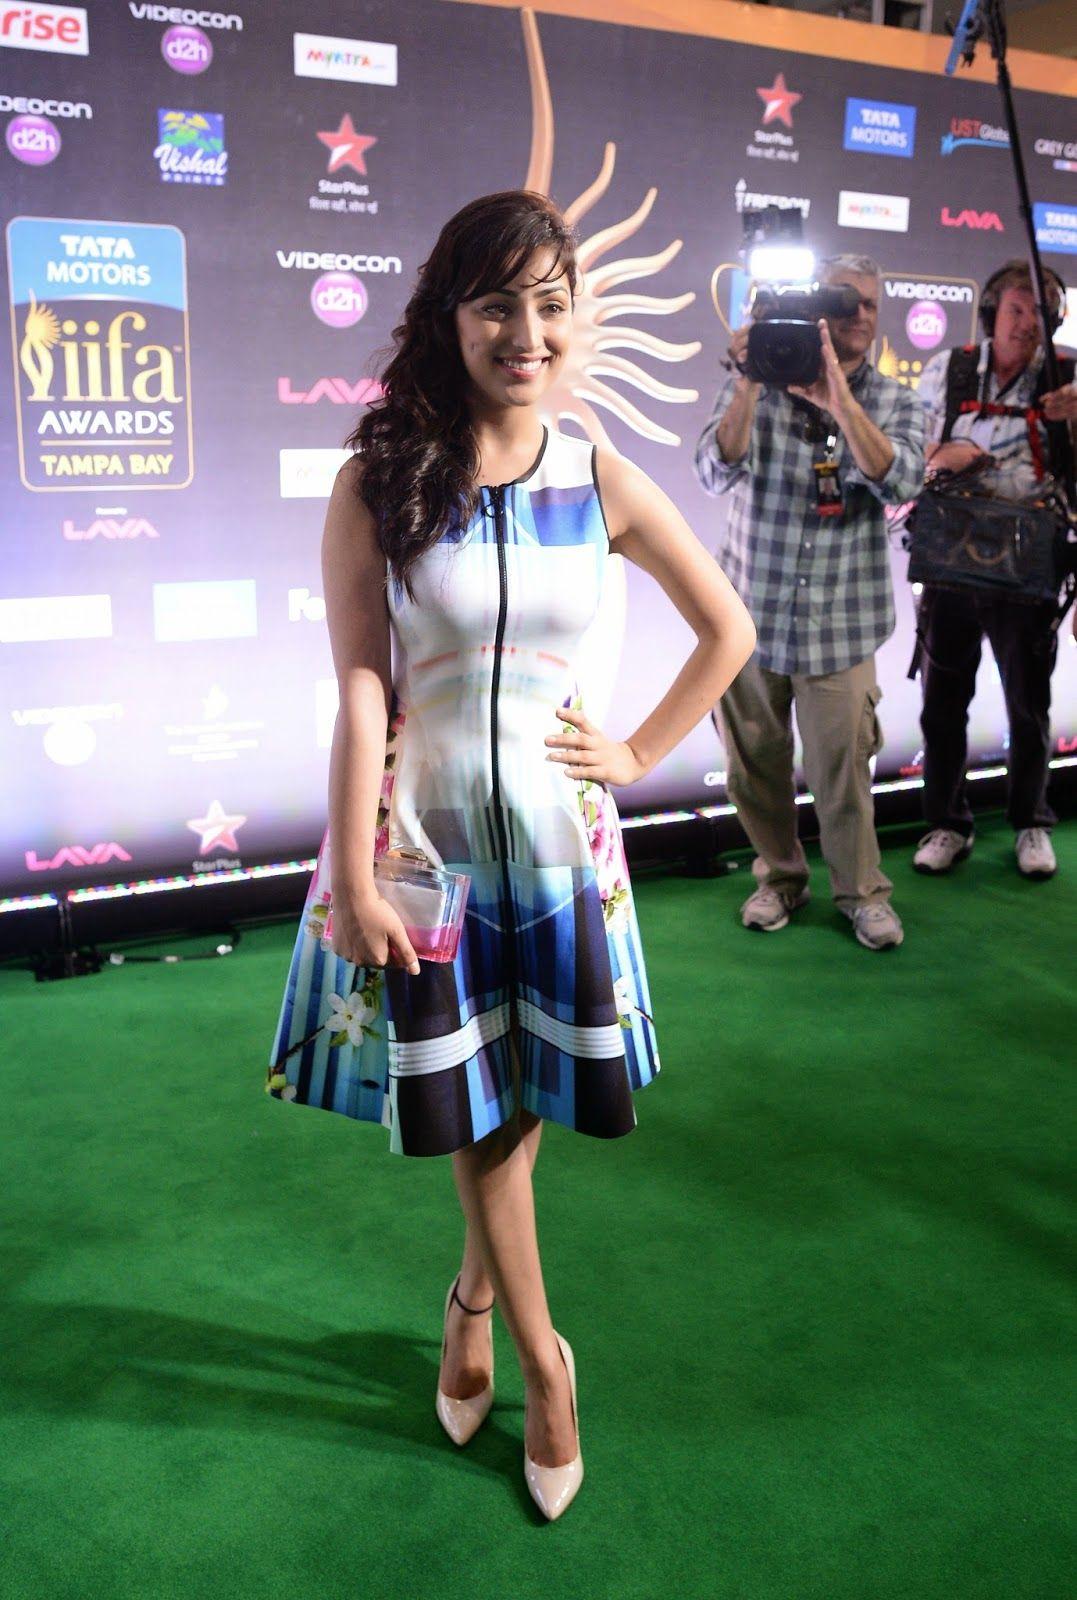 fair & lovely actress yami gautam butt of twitter jokes - hd photos